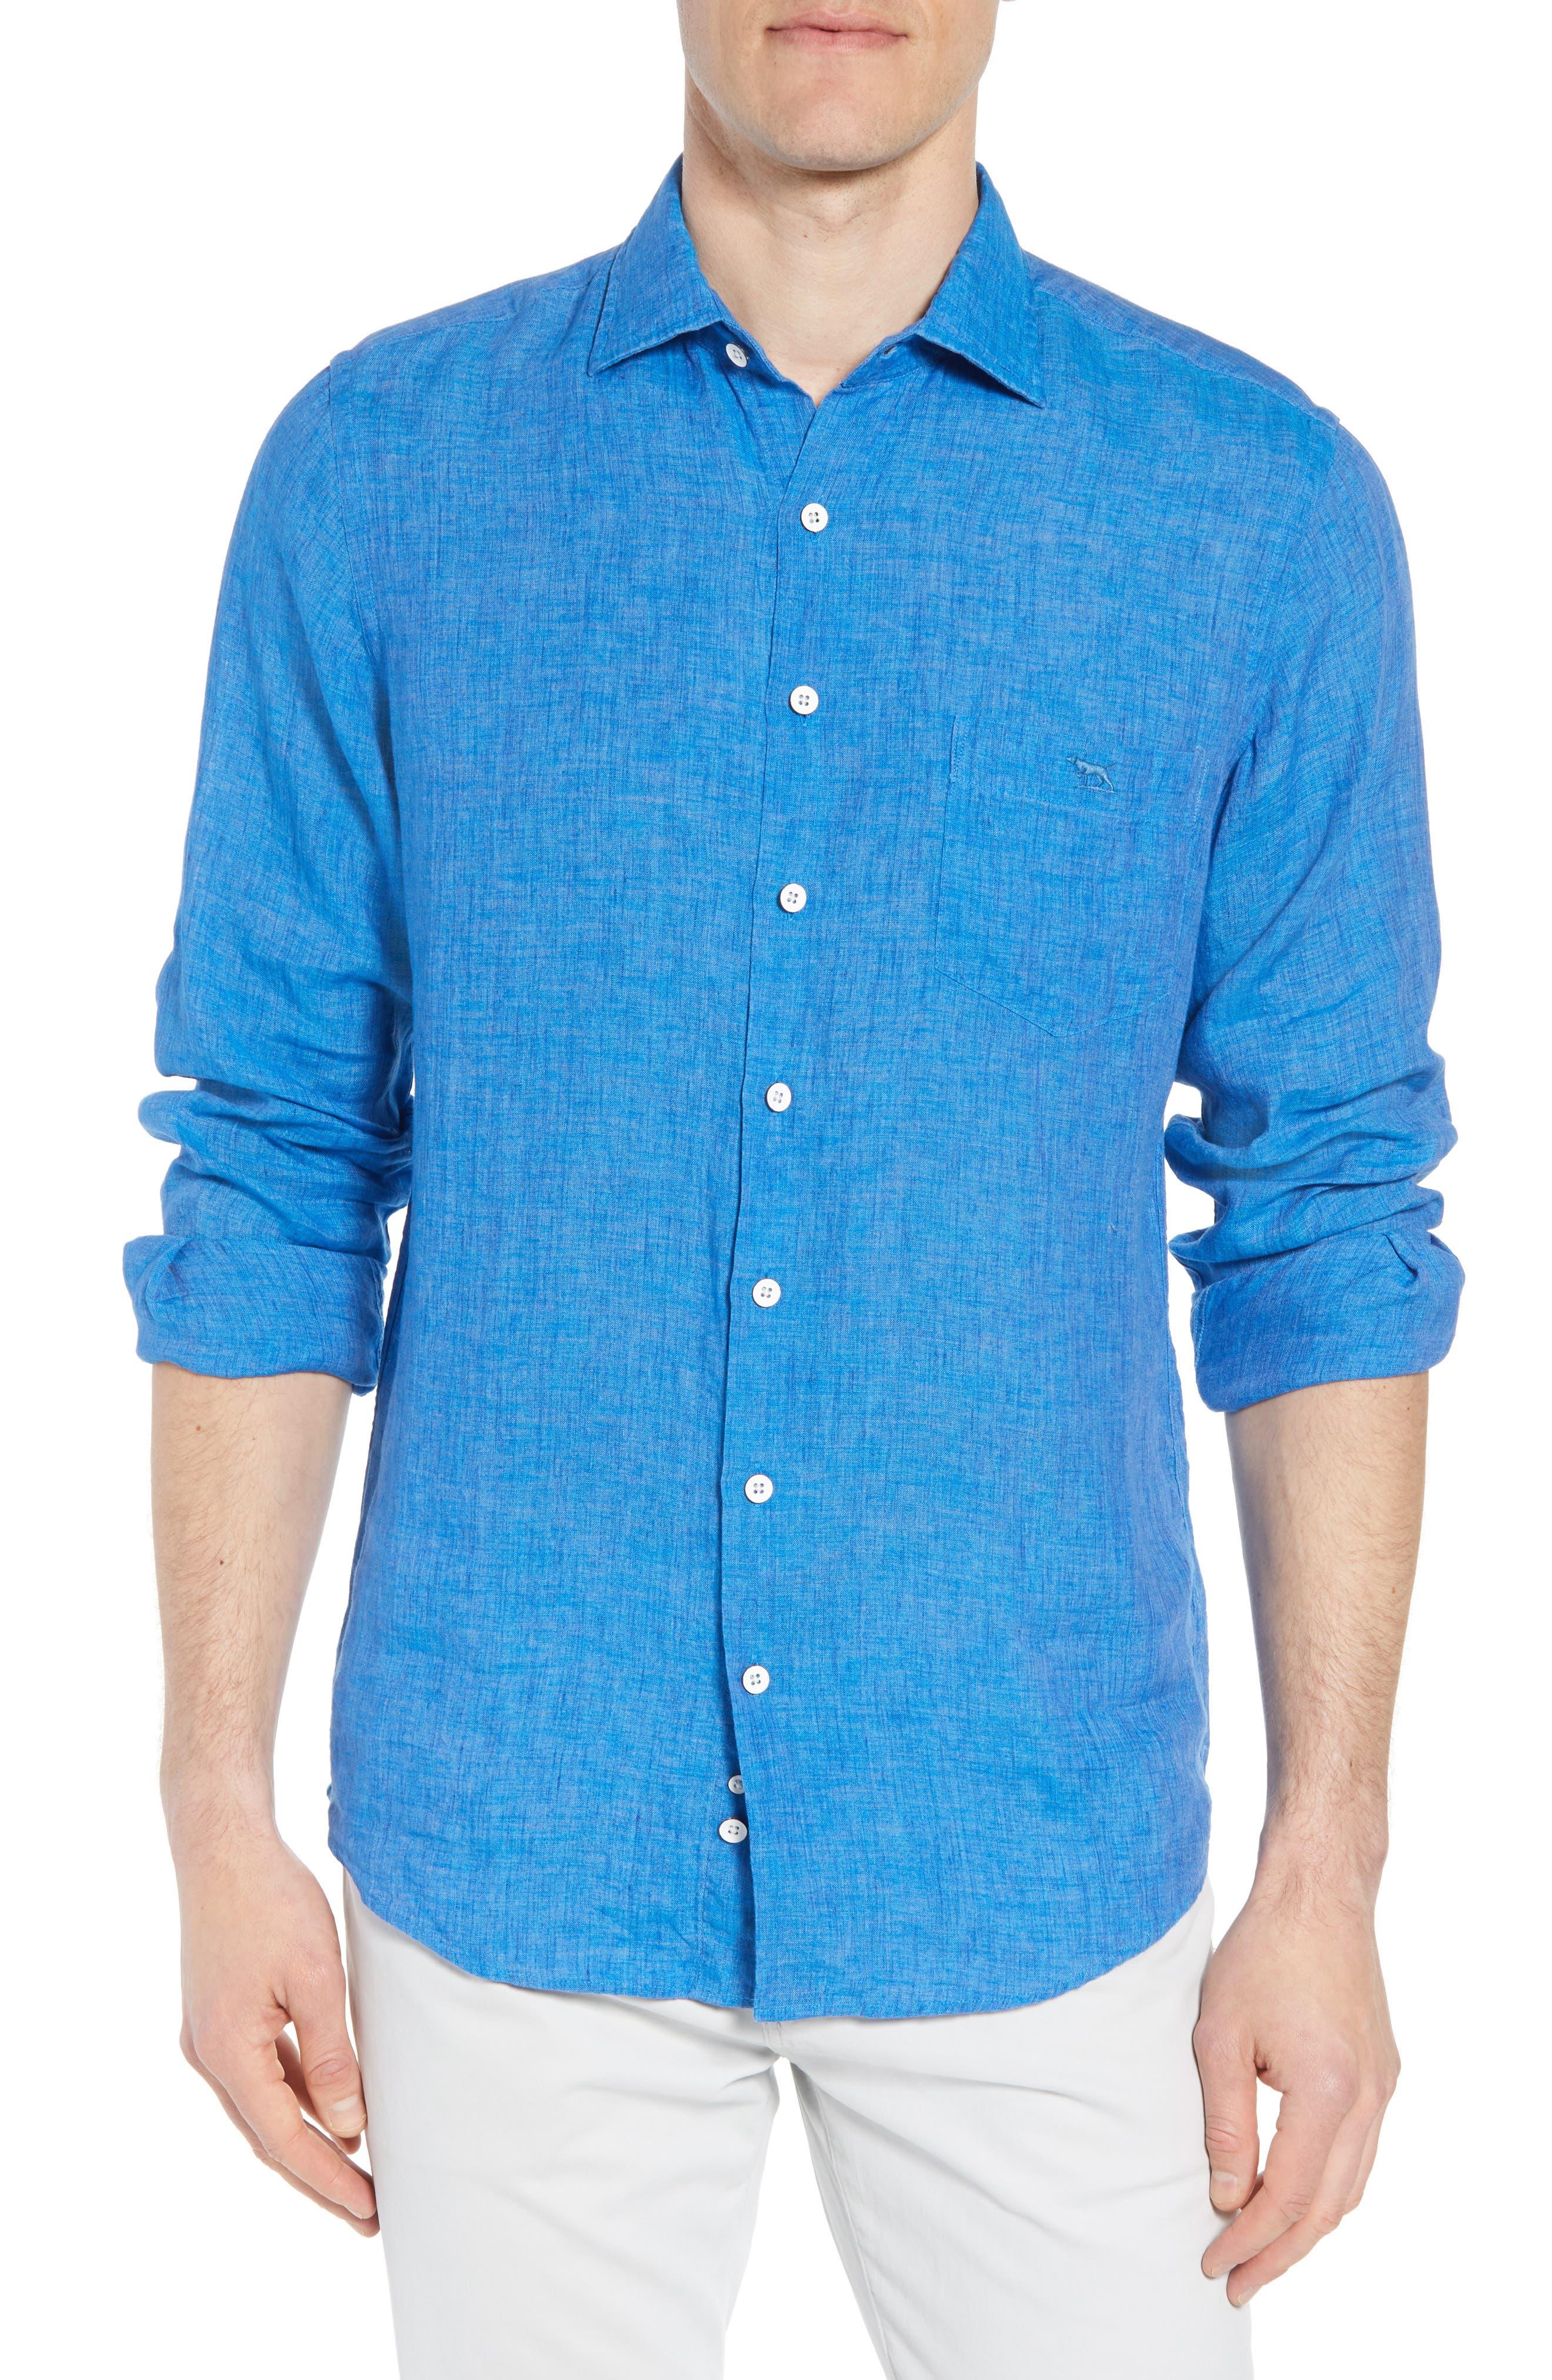 RODD & GUNN,                             Harris Bay Regular Fit Linen Sport Shirt,                             Main thumbnail 1, color,                             438